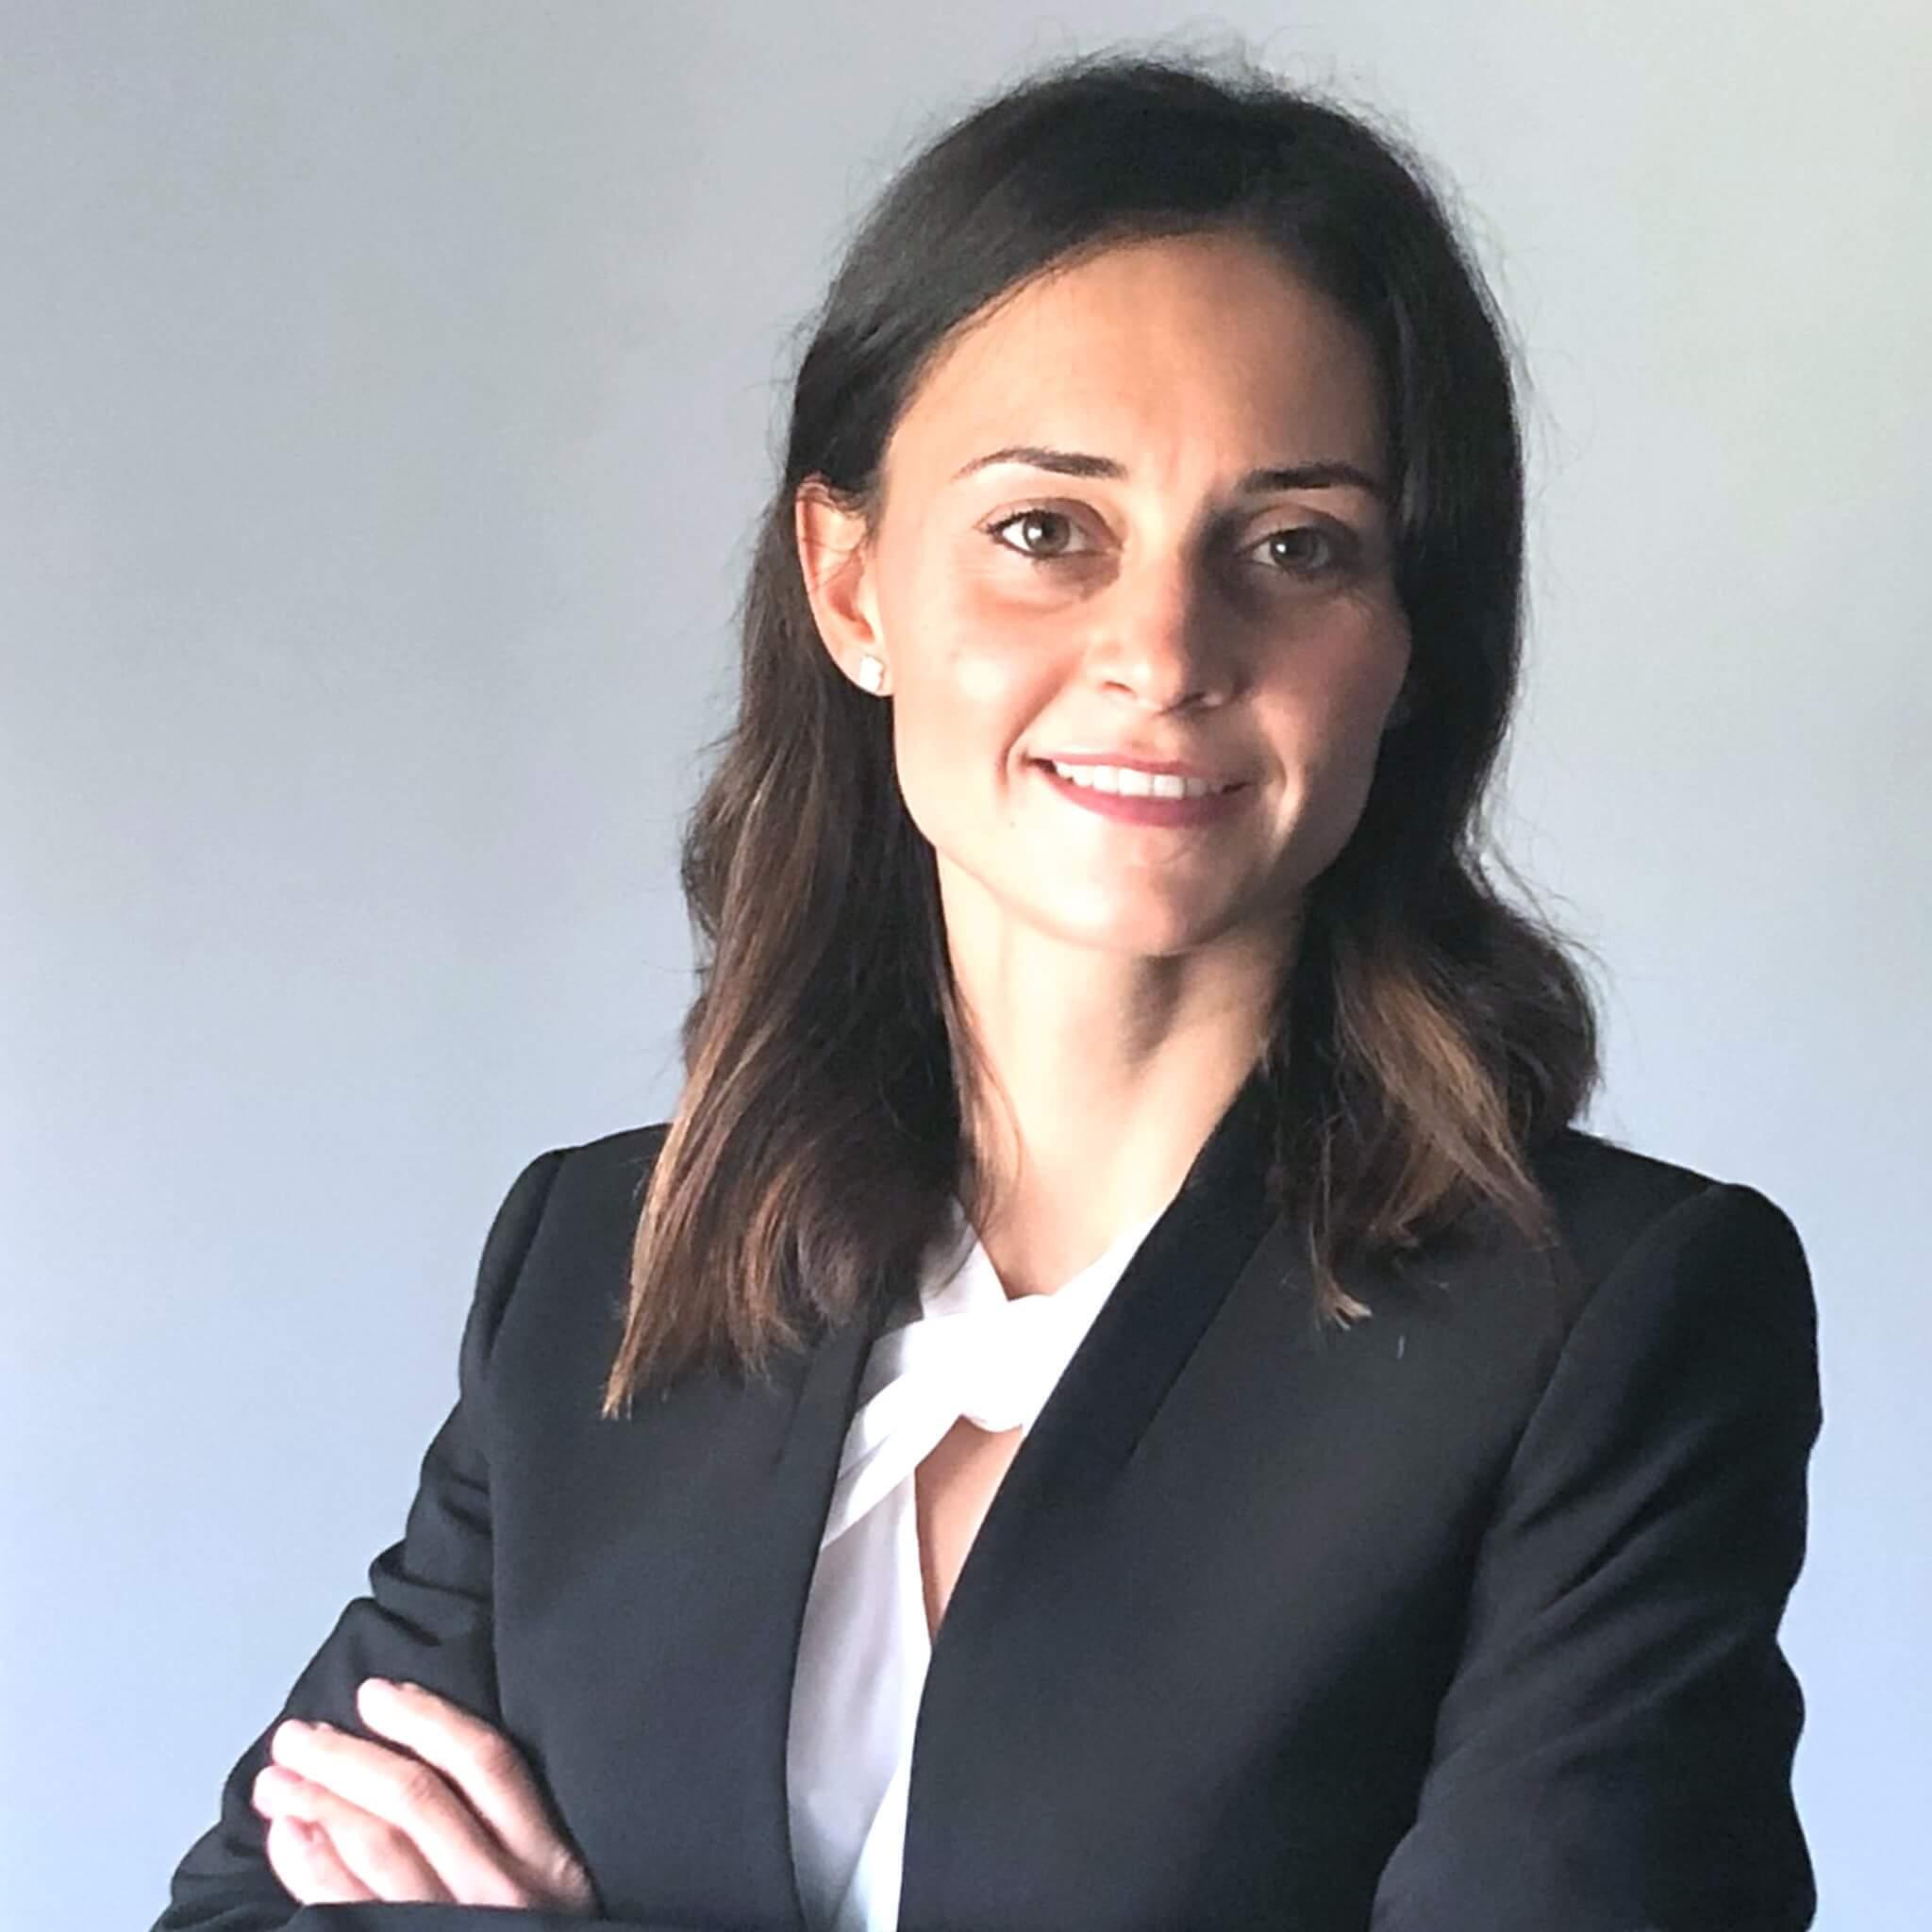 Daniela Barbosa de Carvalho